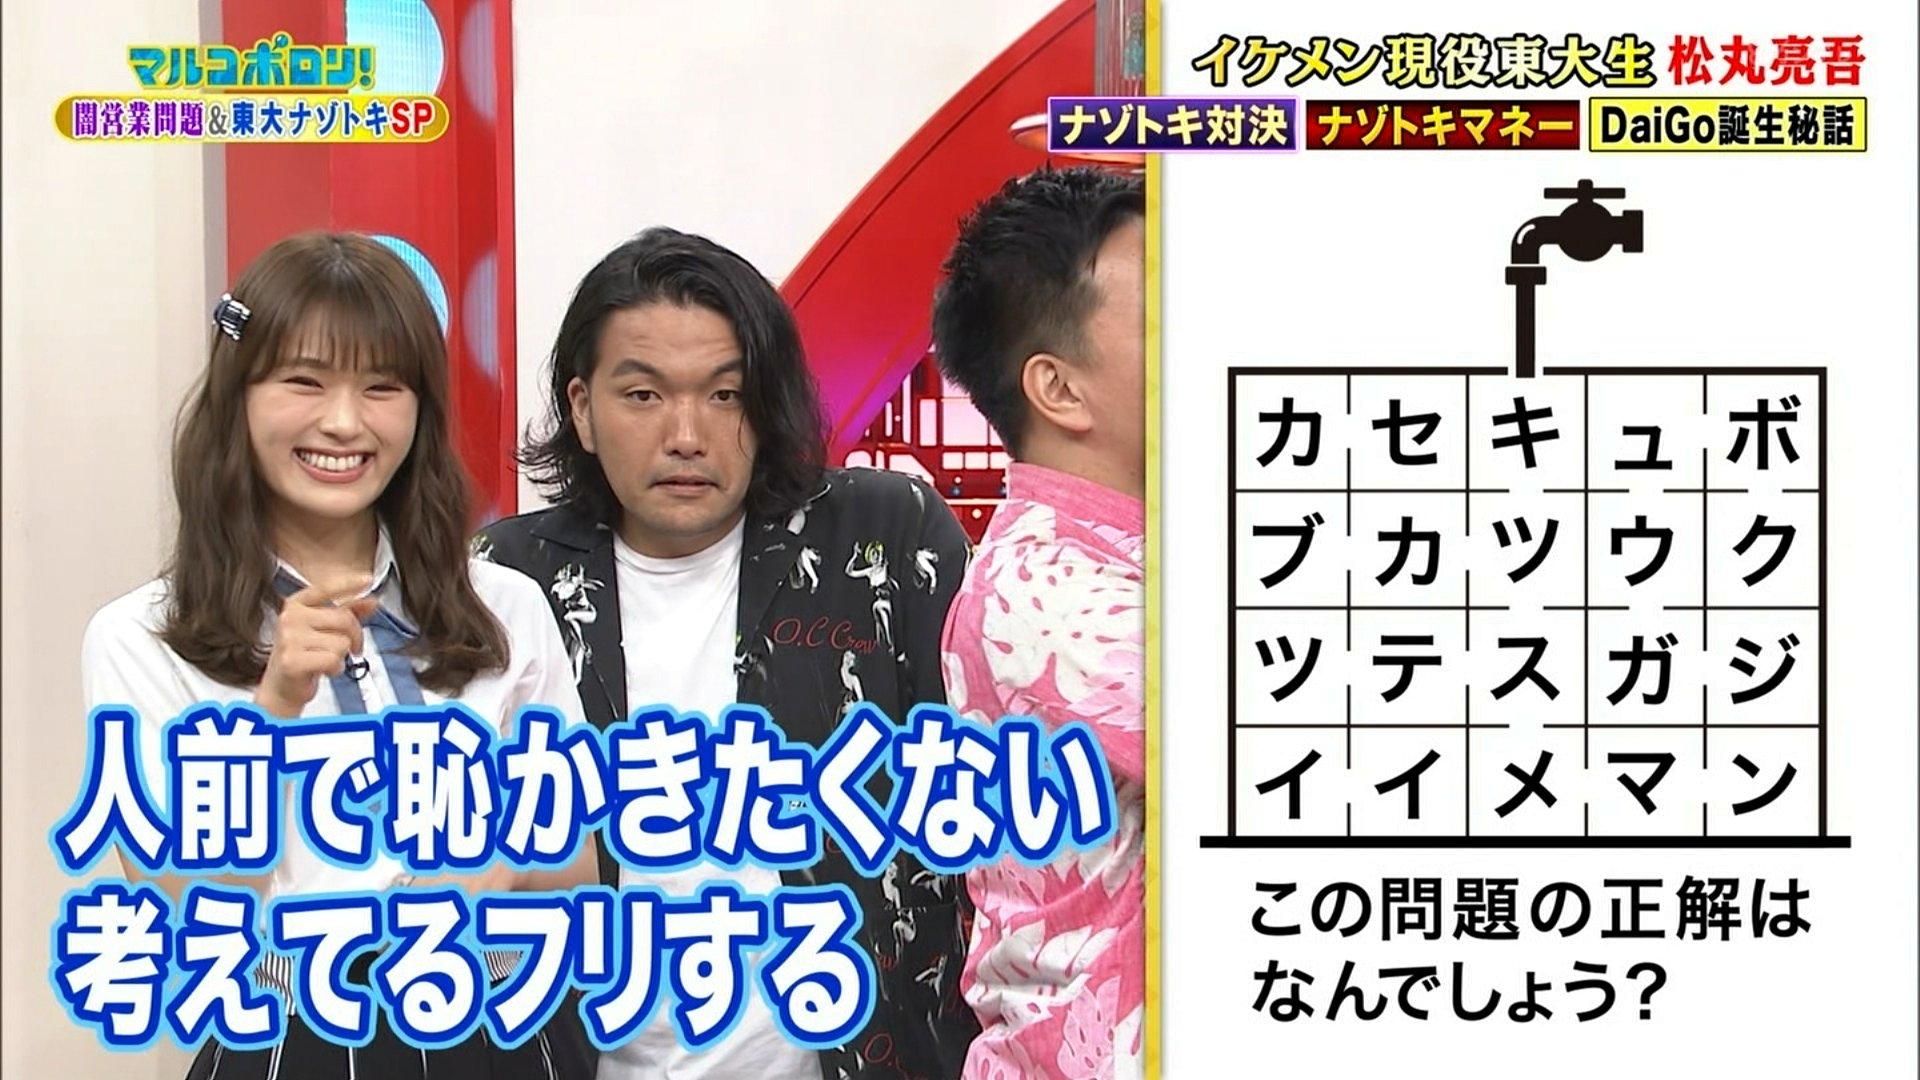 【渋谷凪咲】なぎさ出演8月11日「マルコポロリ!」の画像。吉本問題と松丸亮吾さんの謎解き。